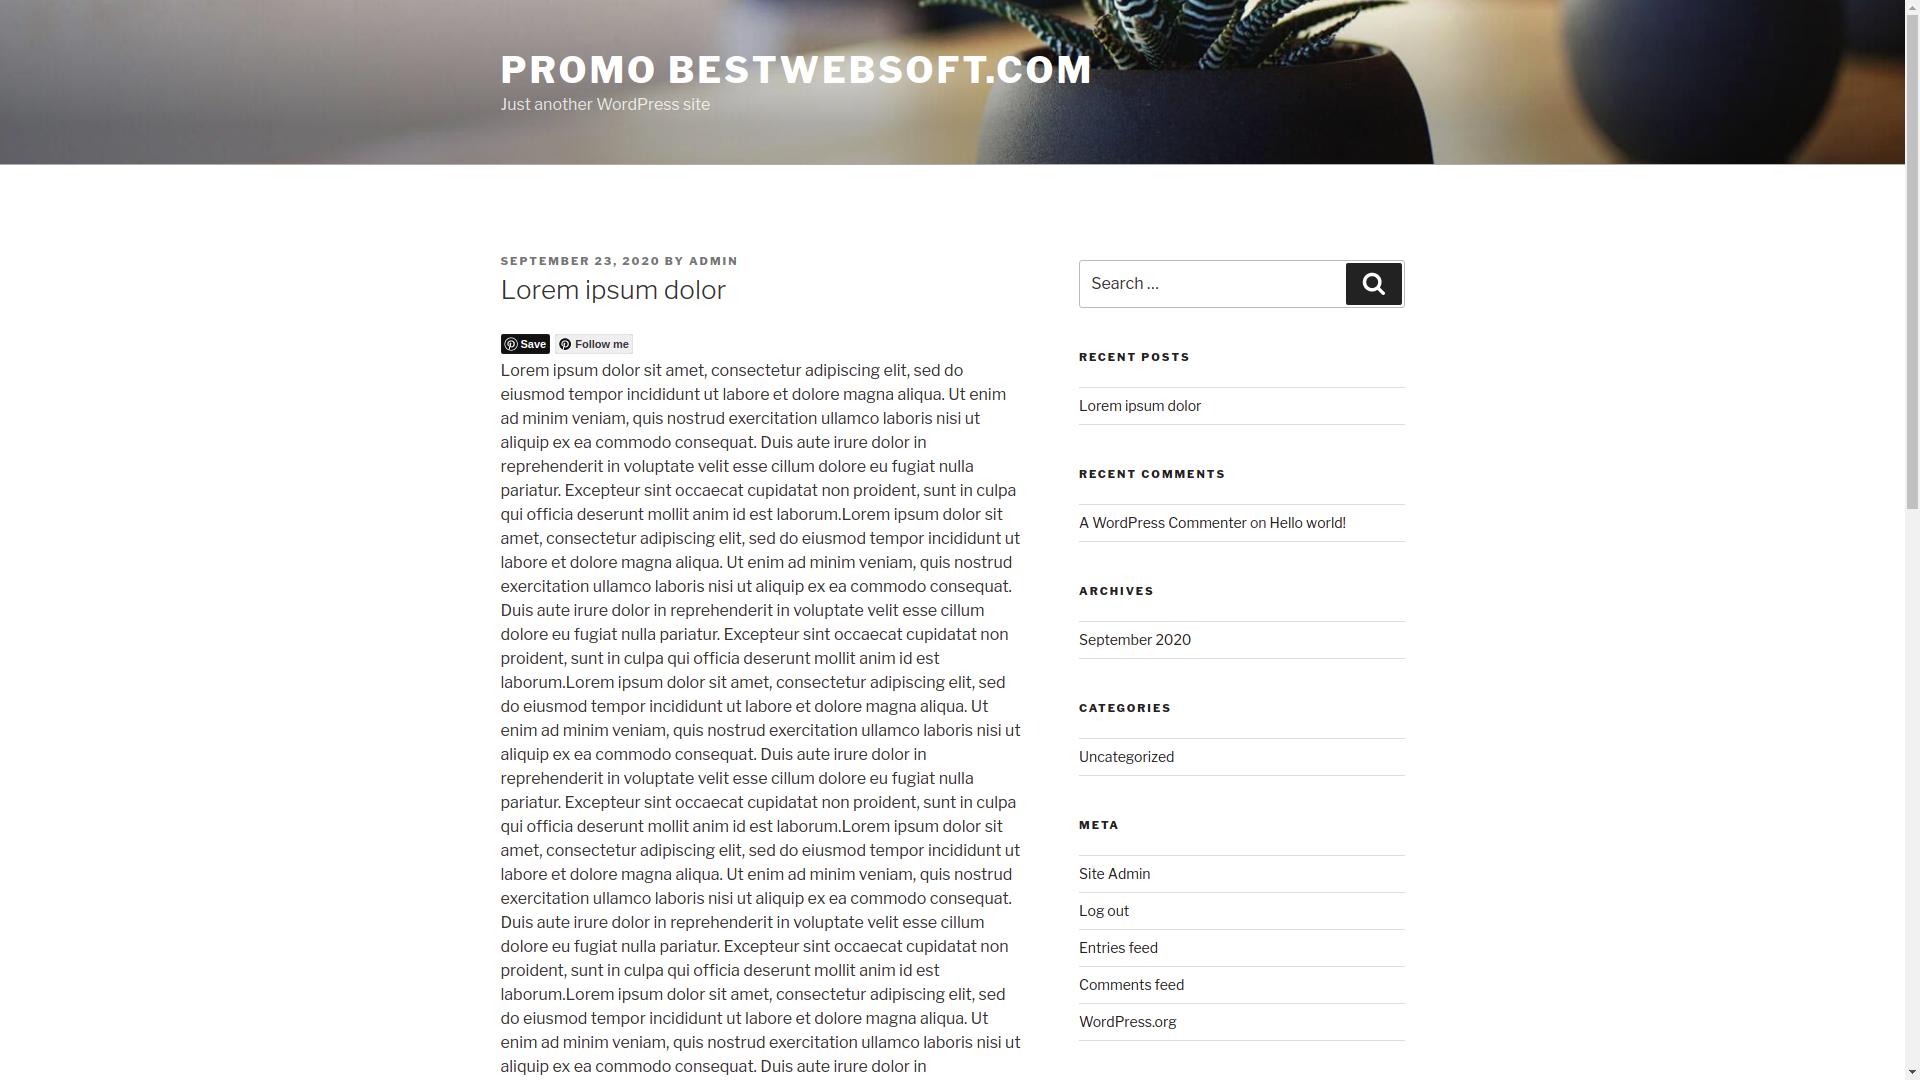 bestwebsoft's pinterest screenshot 4